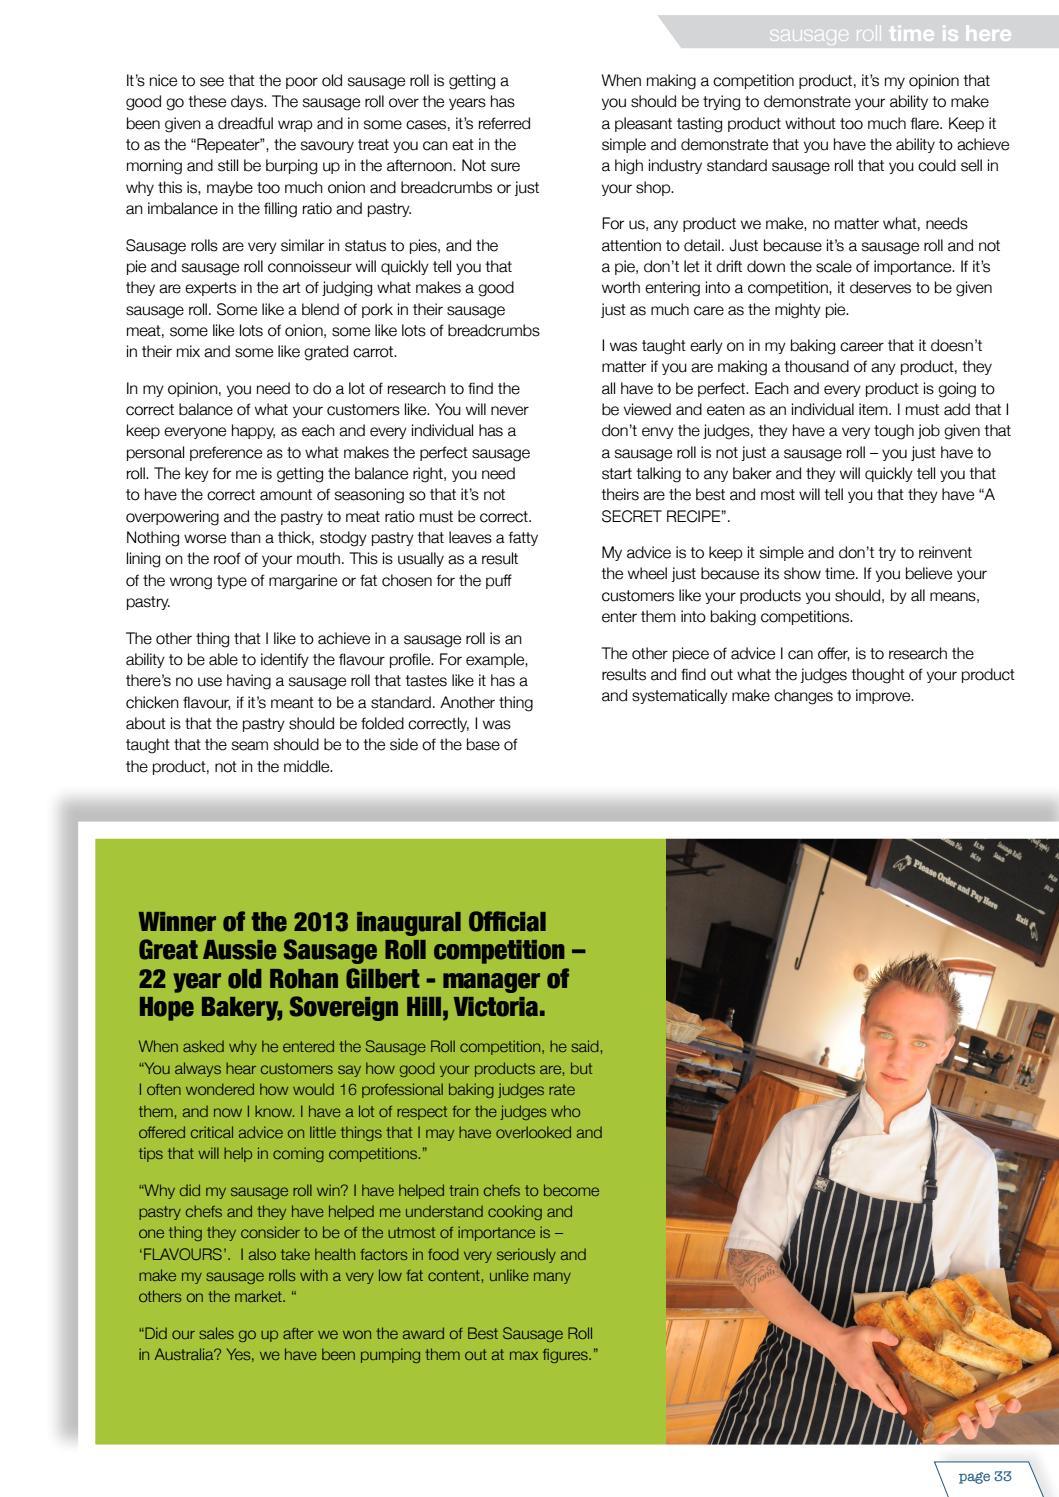 Australasian Baker - magazine issue 32 by itsabec - issuu